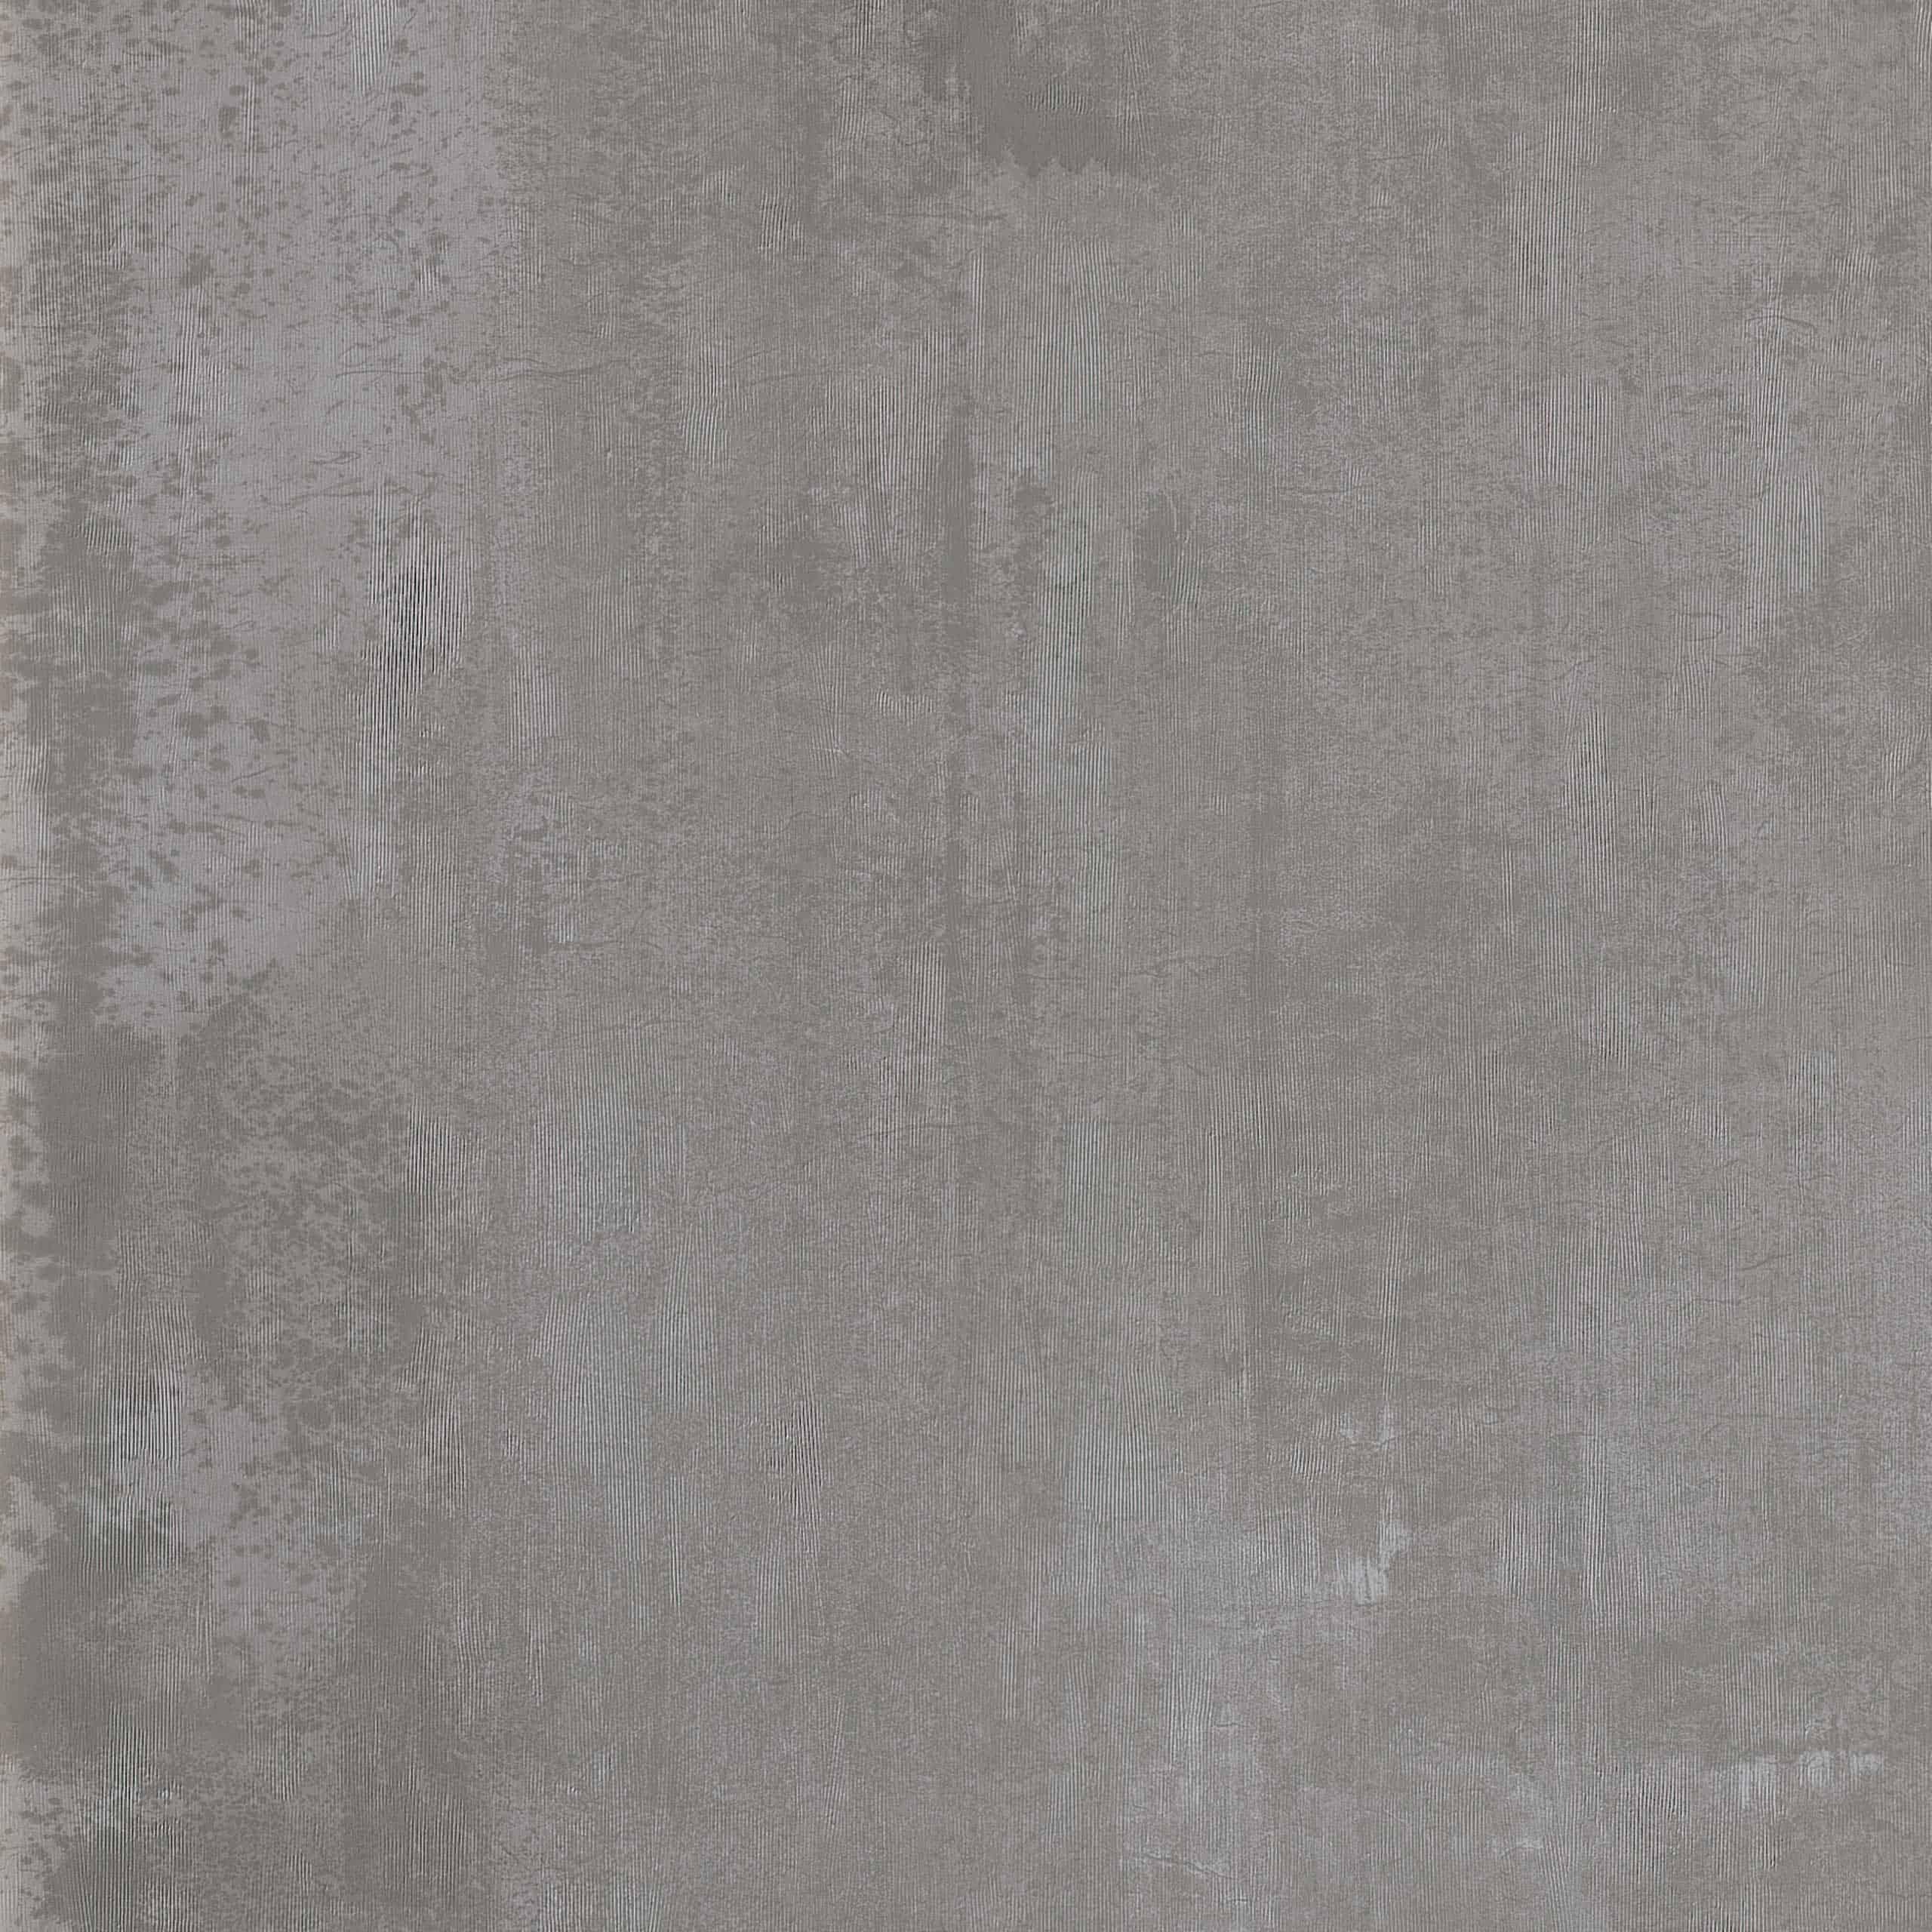 Kotan Grey Laminam